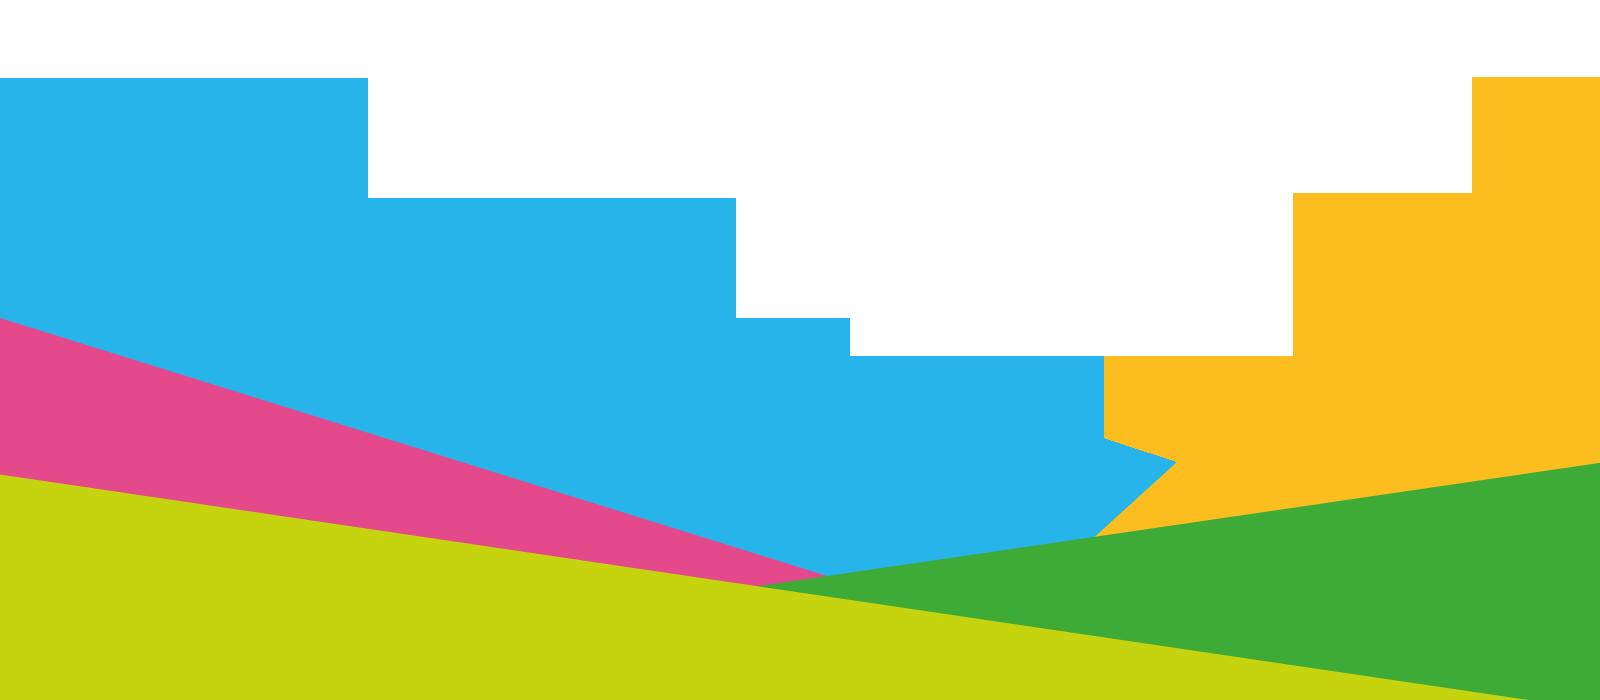 gsw-grafik-2017-700px